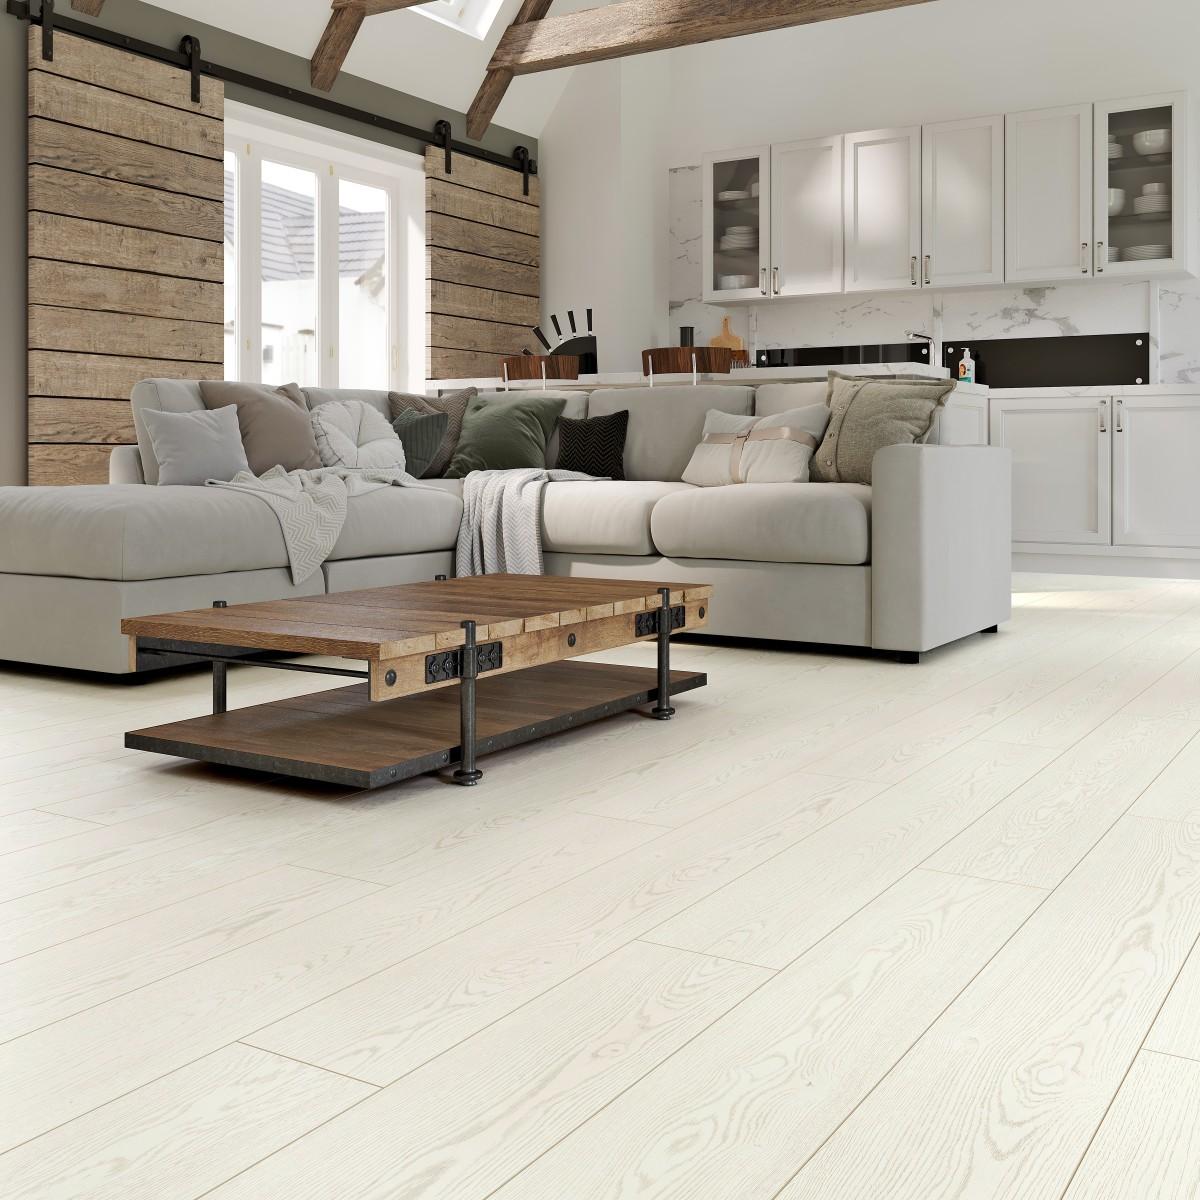 Ламинат Artens Дуб Невада 33 класс толщина 8 мм с фаской 2.131 м²